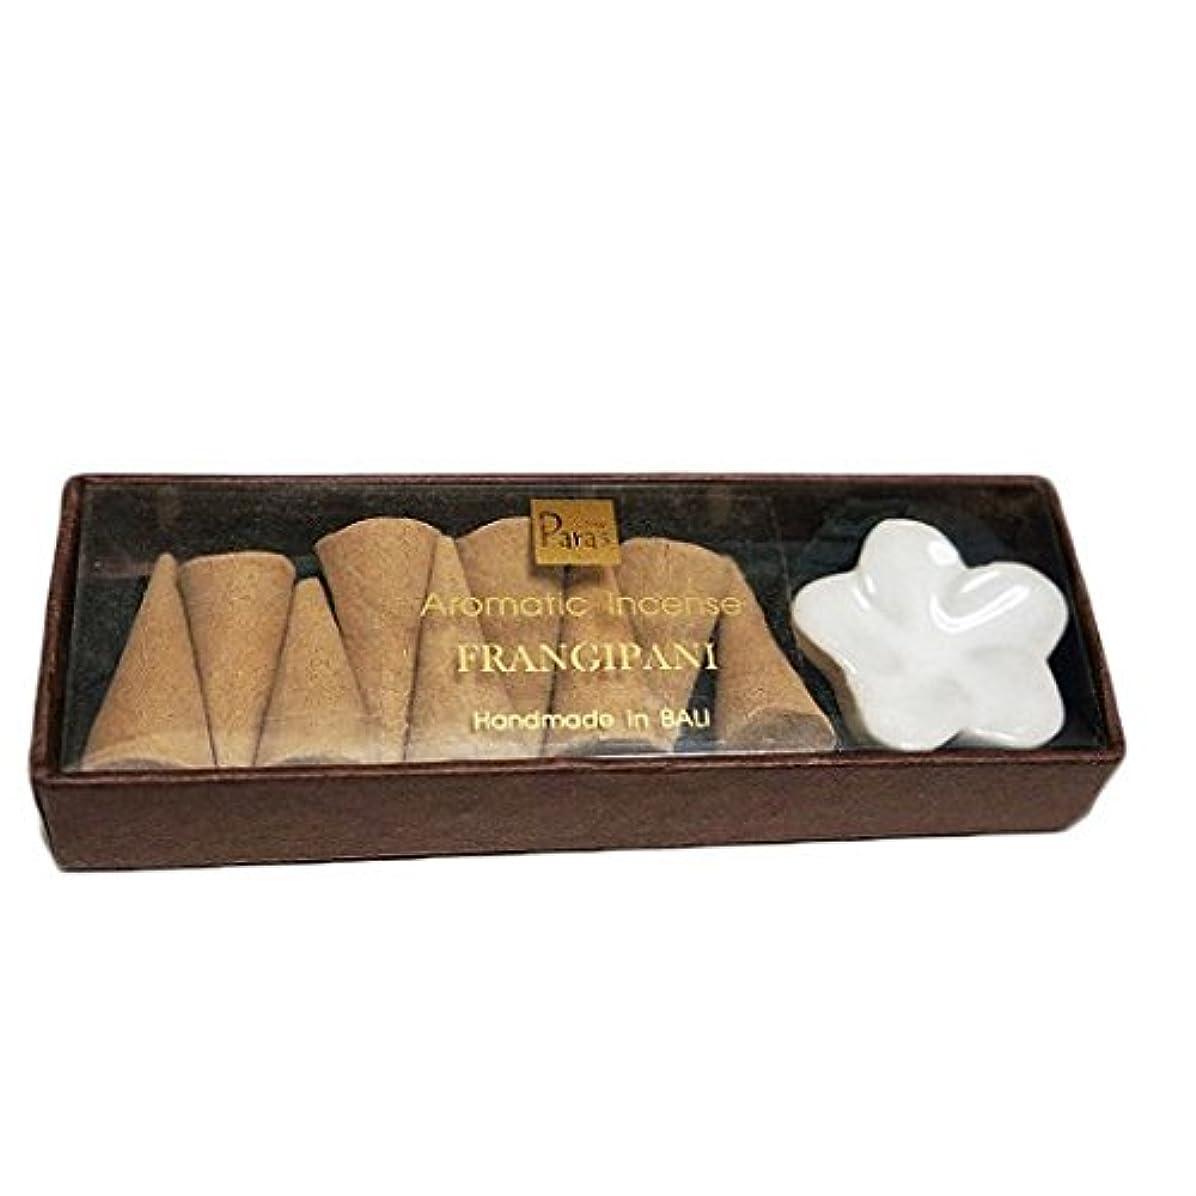 炭素要件飲み込むフランジパニ お香セット【トコパラス TOKO PARAS】バリ島 フランジパニの陶器のお香立て付き ナチュラルハンドメイドのお香